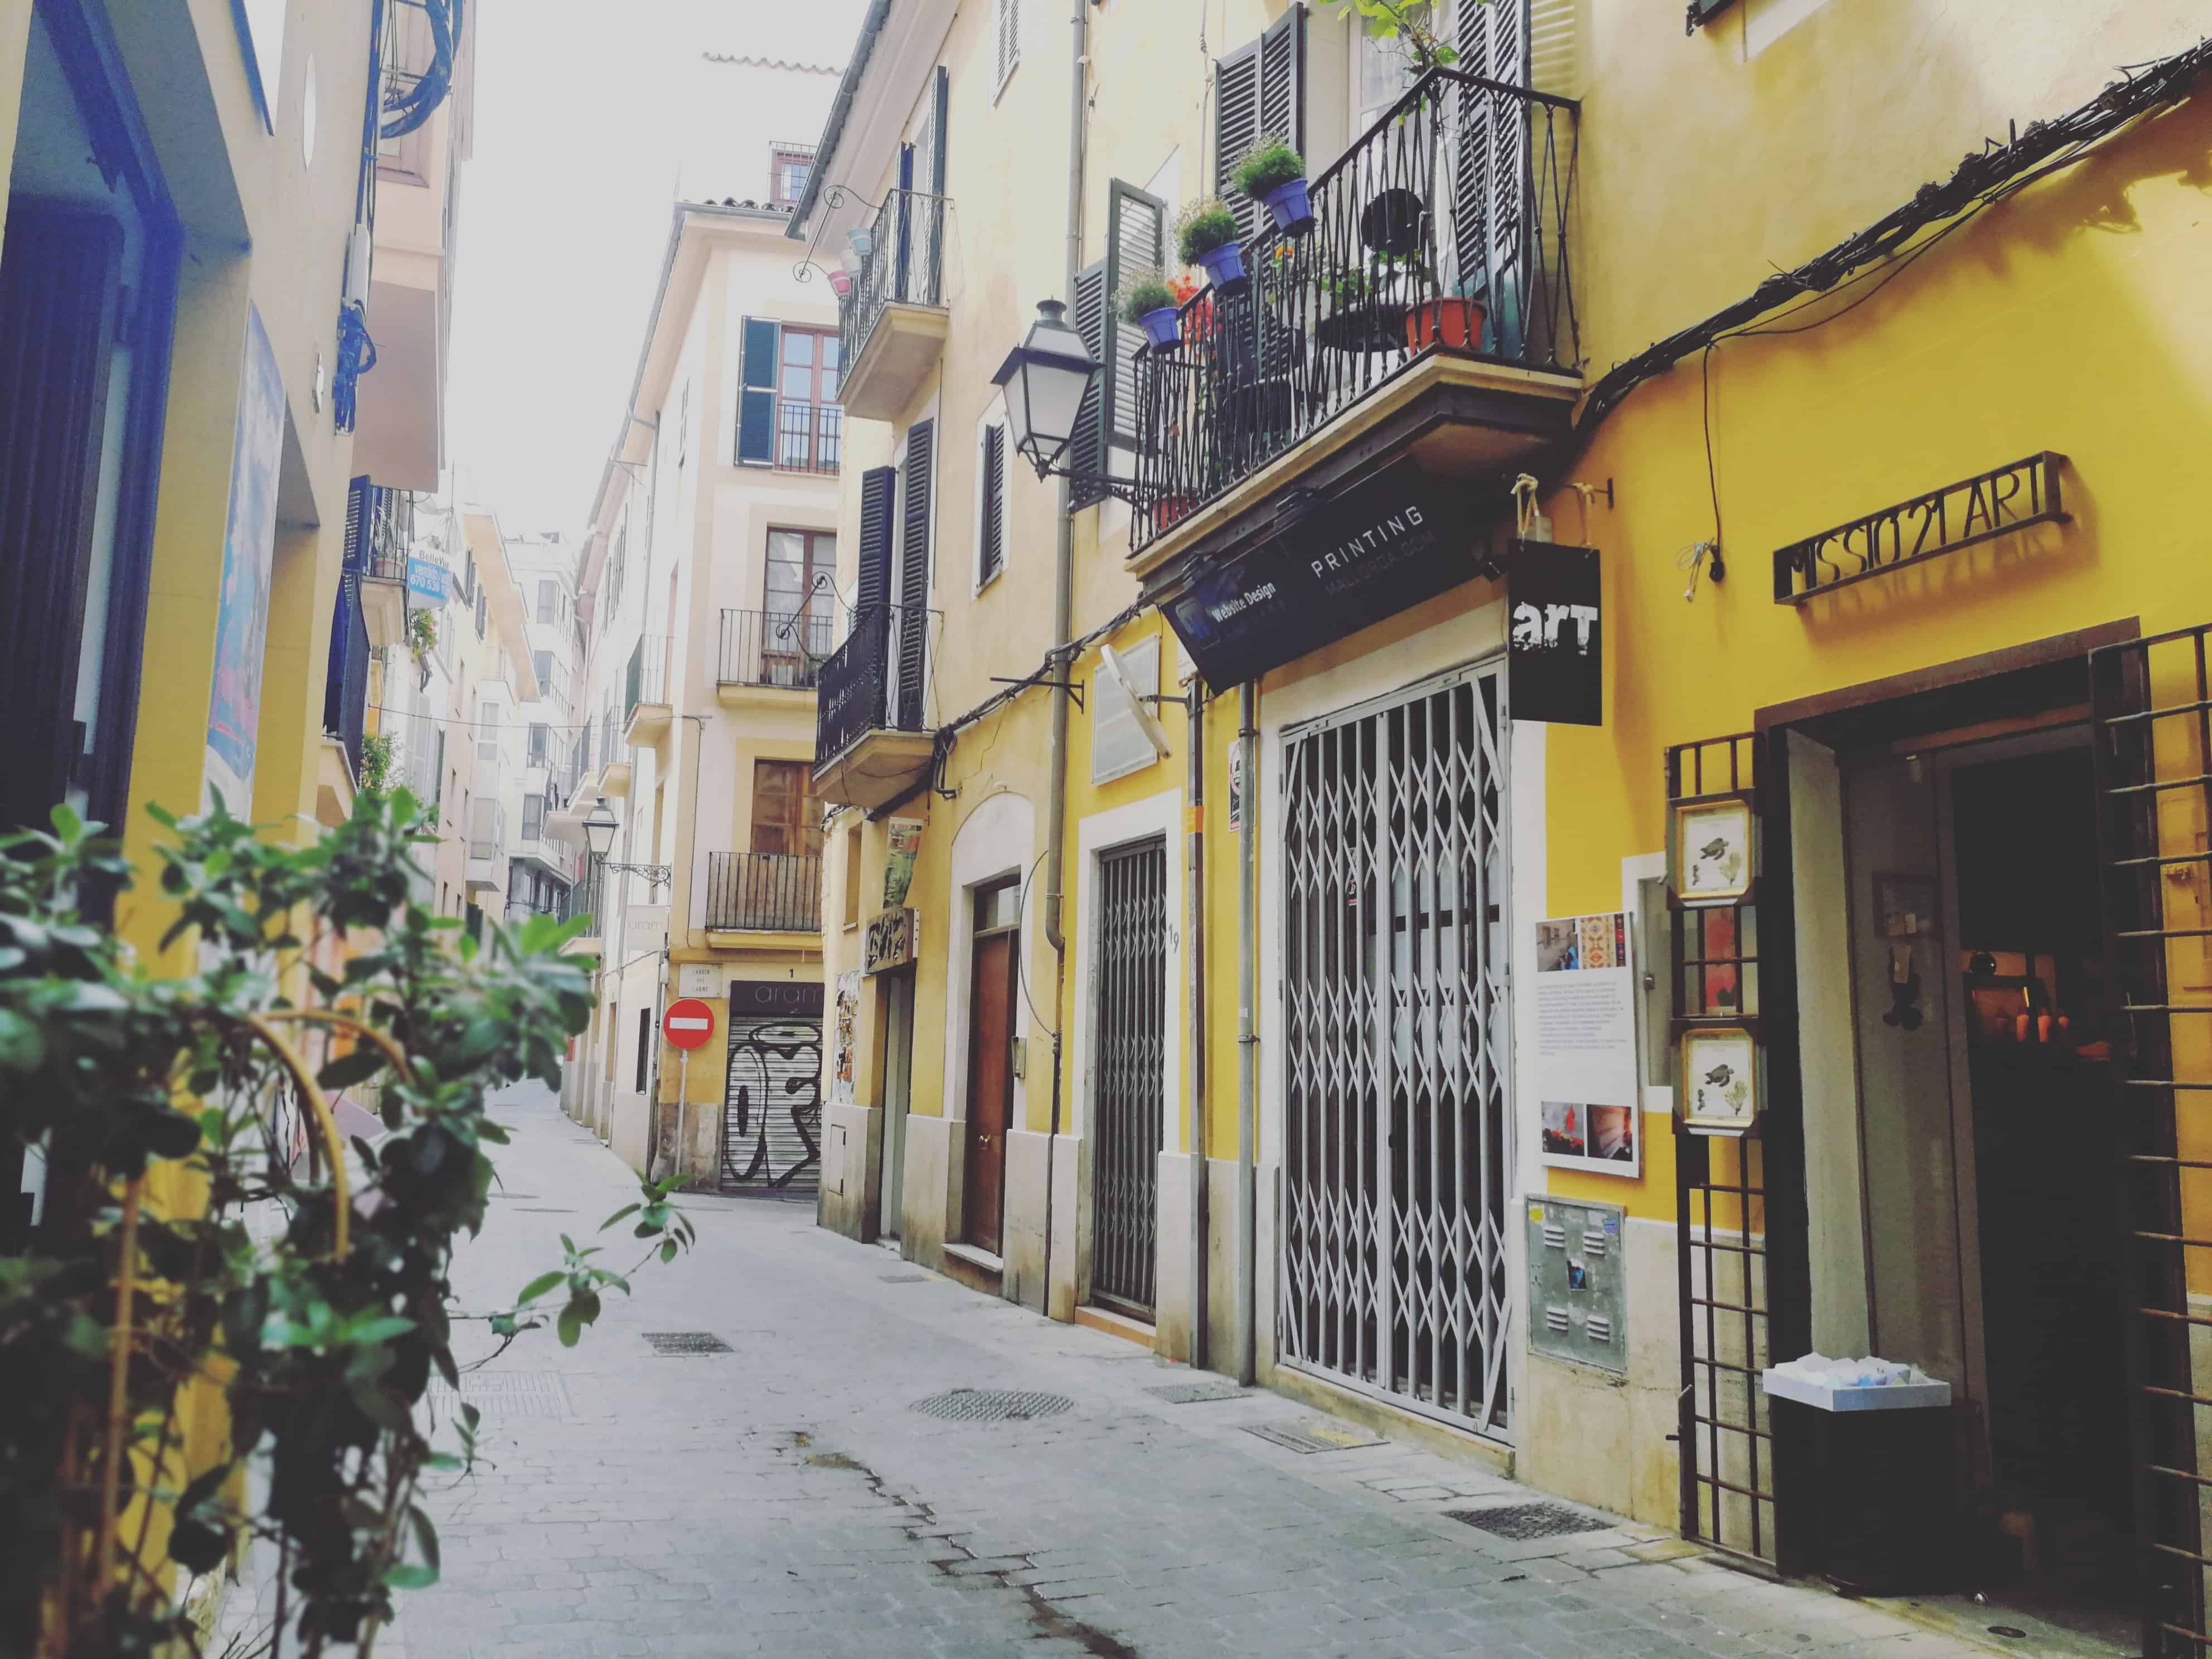 Palma & mein Lieblingsviertel Santa Catalina - Wheelie ...